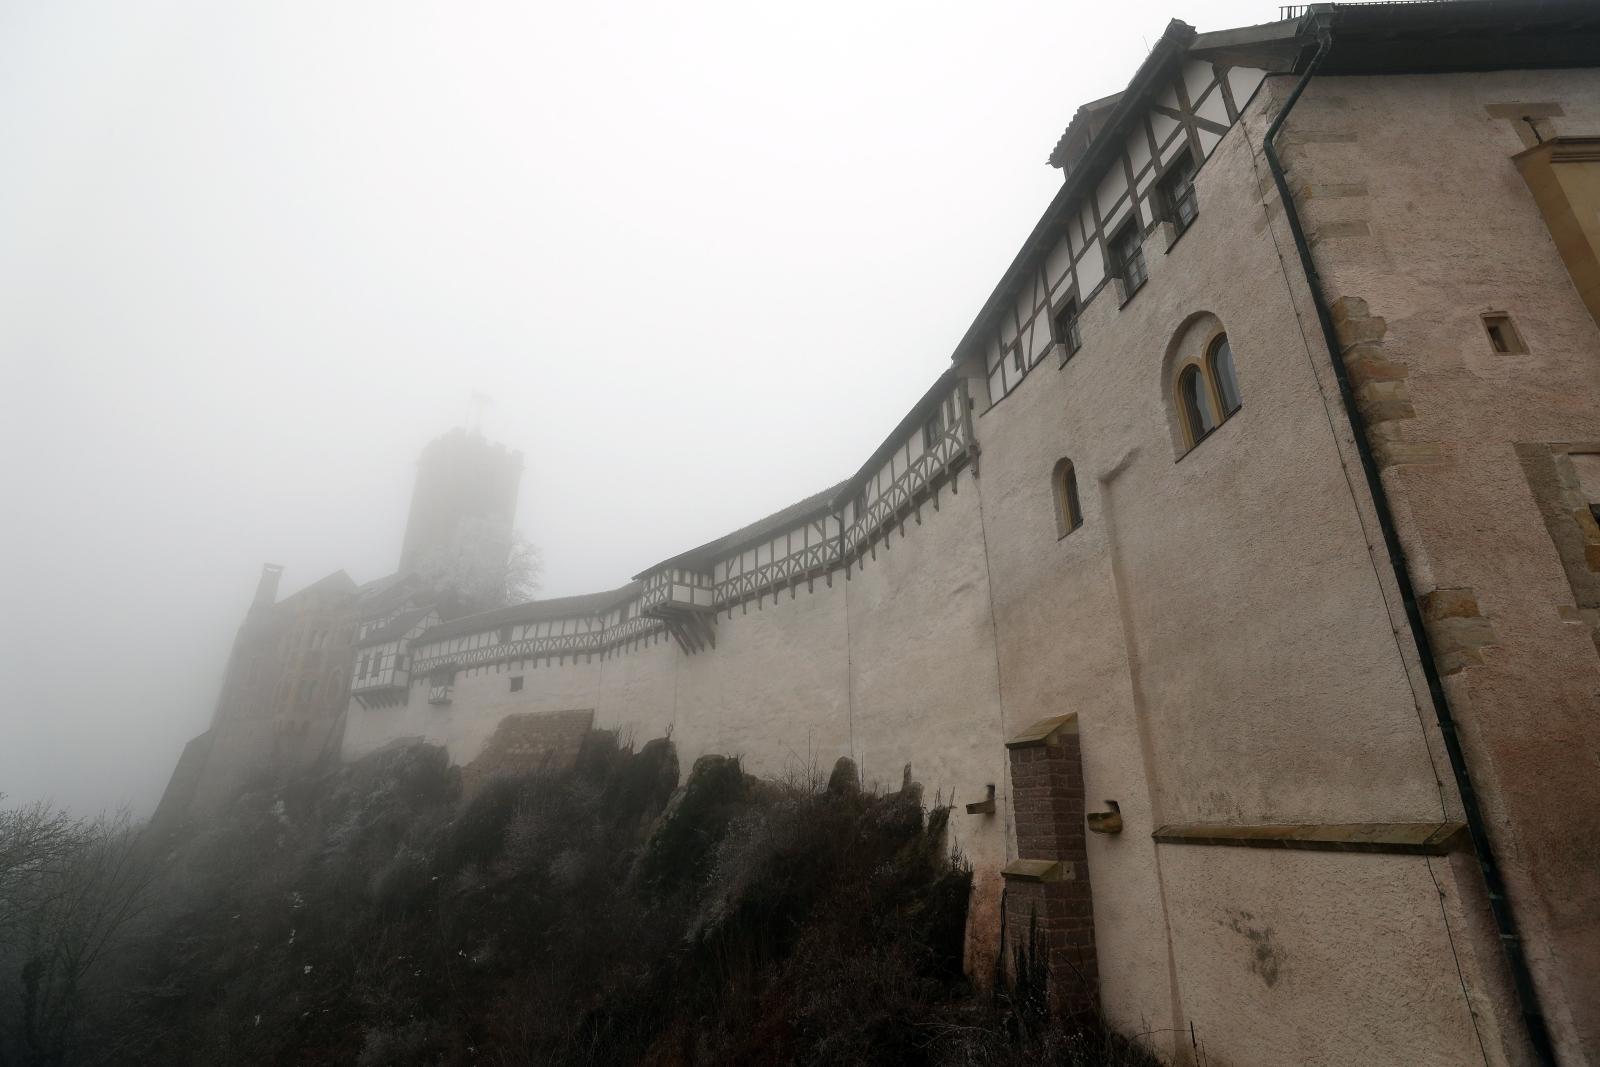 Widok na zamek Wartburg we mgle, Turyngia, Niemcy.